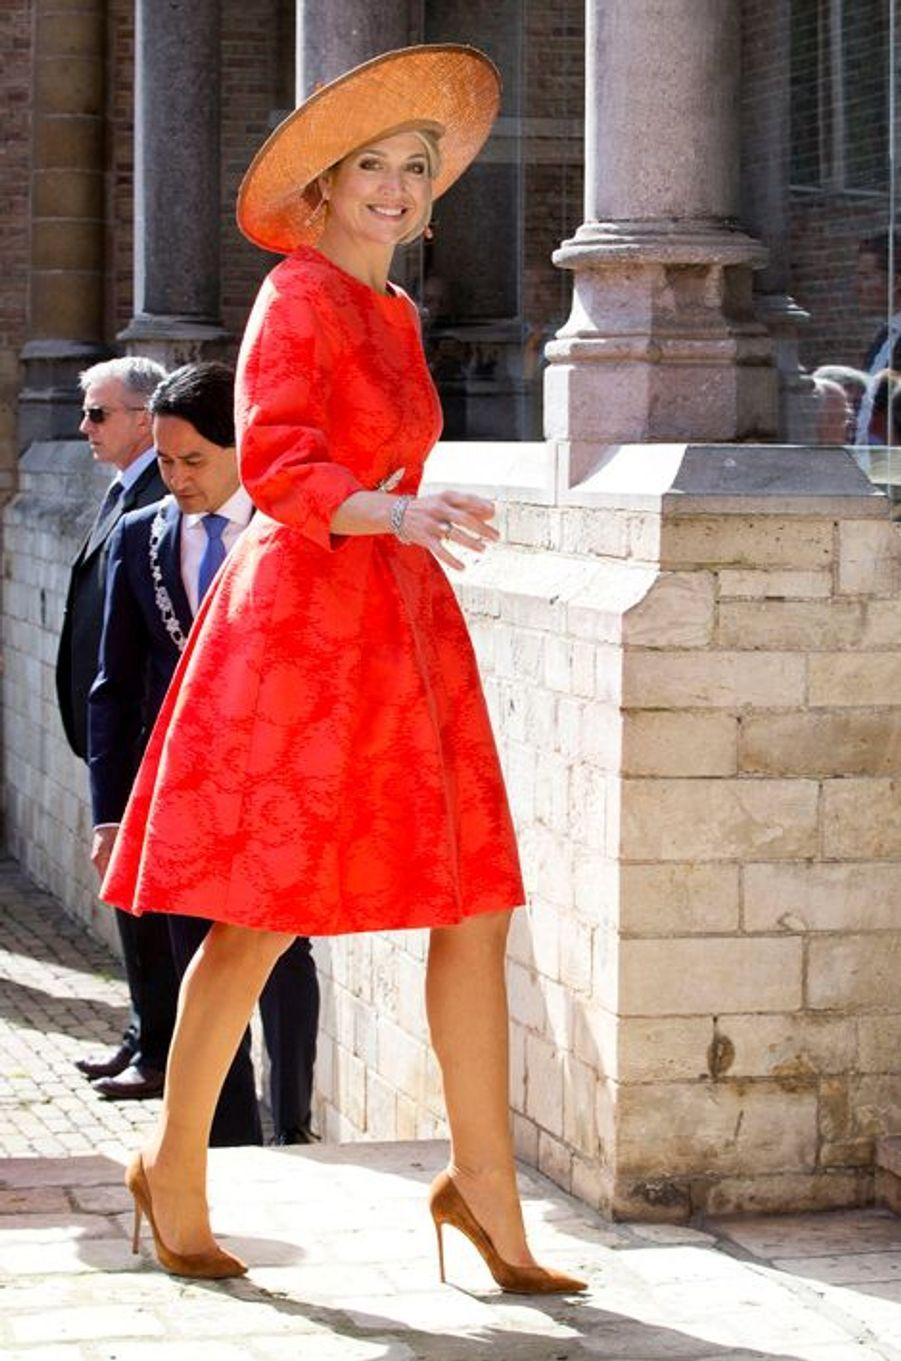 La reine Maxima des Pays-Bas à Middelburg, le 21 avril 2016